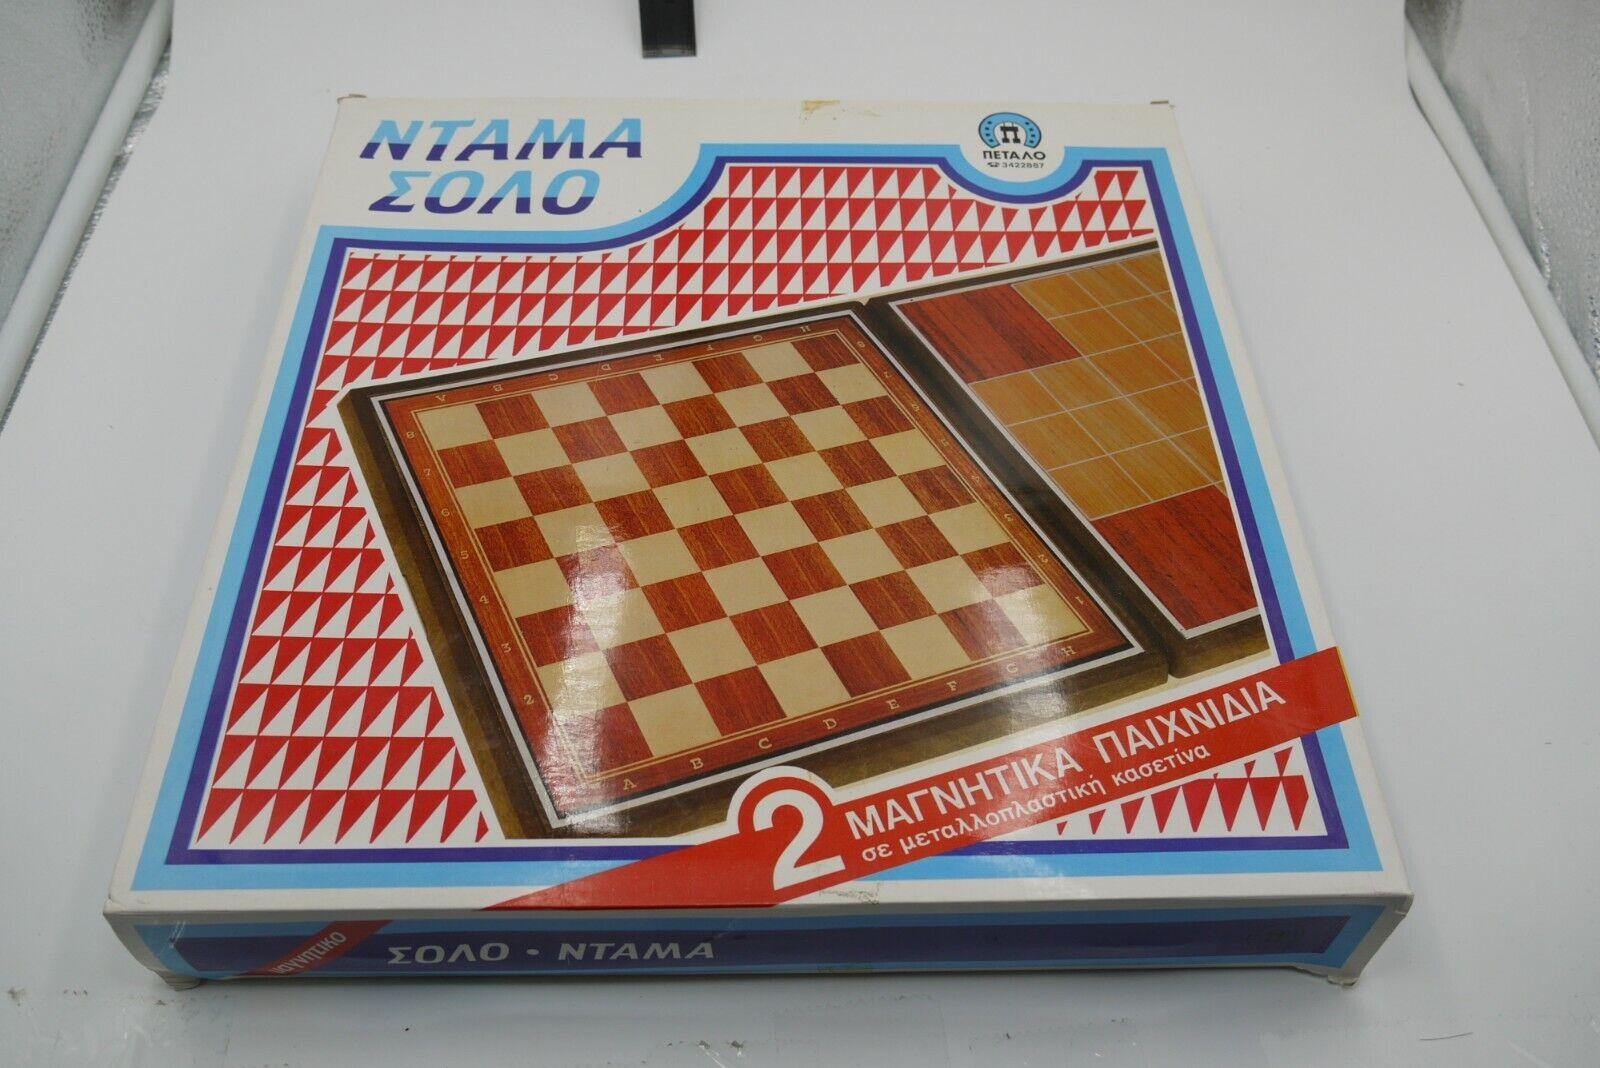 VINTAGE 80's MAGNETIC GREEK tavola gioco SOLITAIRE Draughts PETALO  gree Dimensione MINT  promozioni di sconto